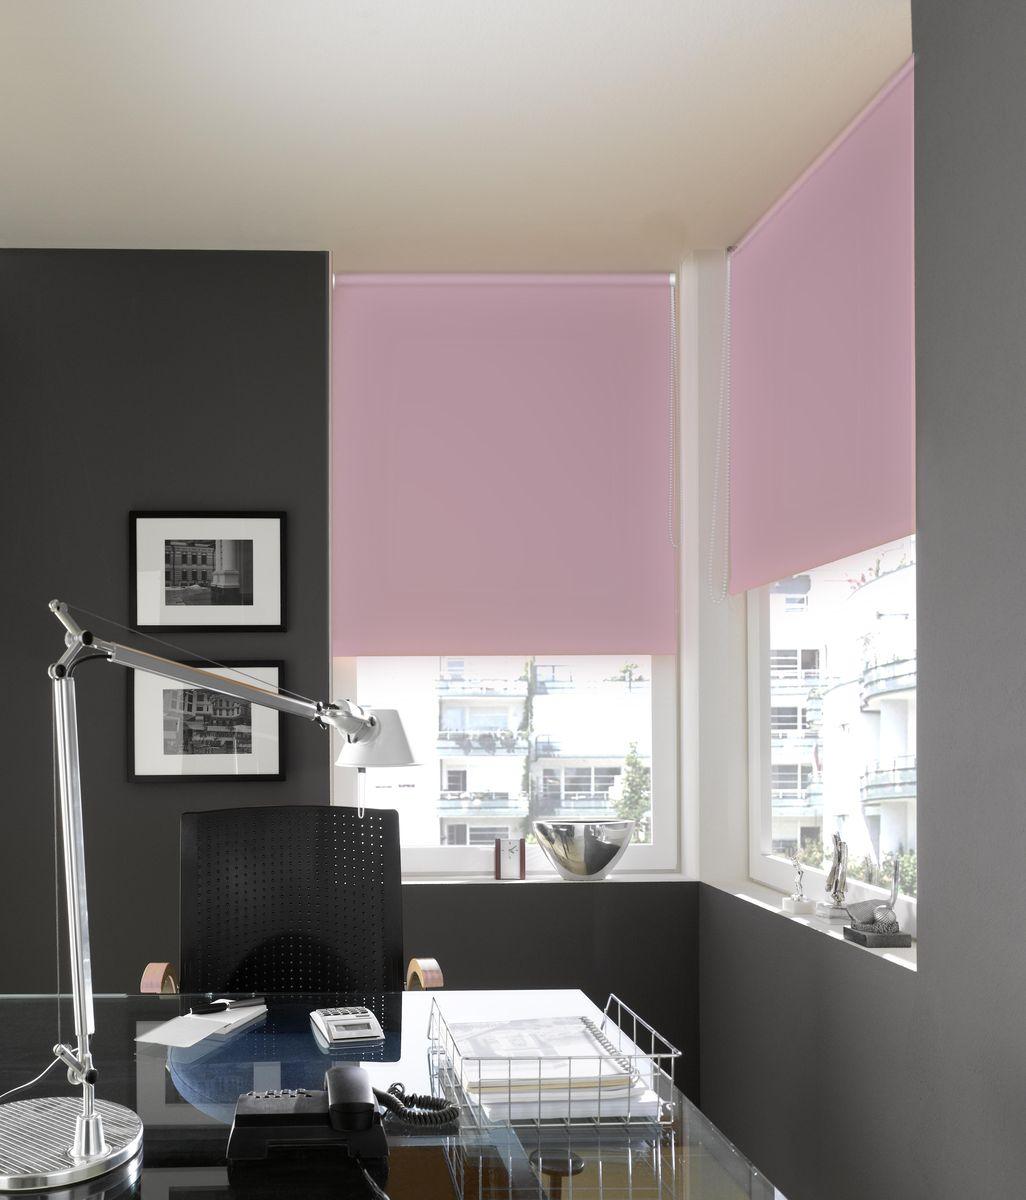 Штора рулонная Эскар Миниролло. Blackout, светонепроницаемые, цвет: розовый, ширина 115 см, высота 170 см34933115170Рулонные шторы, не пропускающие солнечный свет, изготовляются из полностью светонепроницаемого материала блэкаут. Это свойство обеспечивается структурой ткани и специальными вплетенными нитями, удерживающими проникновение света. Шторы, обладающие свойством светонепроницаемости, находят широкое применение в различных сферах. Они используются в кинотеатрах, фотолабораториях и других подобных помещениях, где необходимо абсолютное затемнение. В быту такие занавеси применяются для снижения уровня освещенности детских комнат.Основу готовых штор составляет тканевое полотно, которое при открывании наматывается на вал, закрепленный в верхней части окна. Для удобства управления и ровного натяжения полотна снизу оно утяжелено пластиной. Светонепроницаемость 100%.Полотна фиксируются с помощью трубы диаметром 17 мм. Крепятсяна раму без сверления благодаря клипсе или площадке с двустороннем скотчем, входящим в комплект.Преимущества применения рулонных штор для пластиковых окон: - имеют прекрасный внешний вид: многообразие и фактурность материала изделия отлично смотрятся в любом интерьере;- многофункциональны: есть возможность подобрать шторы способные эффективно защитить комнату от солнца, при этом она не будет слишком темной; - есть возможность осуществить быстрый монтаж.ВНИМАНИЕ! Ширина изделия указана по ширине ткани! Во время эксплуатации не рекомендуется полностью разматывать рулон, чтобы не оторвать ткань от намоточного вала. В случае загрязнения поверхности ткани, чистку шторы проводят одним из способов, в зависимости от типа загрязнения:- легкое поверхностное загрязнение можно удалить при помощи канцелярского ластика;- чистка от пыли производится сухим методом при помощи пылесоса с мягкой щеткой-насадкой;- для удаления пятна используйте мягкую губку с пенообразующим неагрессивным моющим средством или пятновыводитель на натуральной основе (нельзя применять р